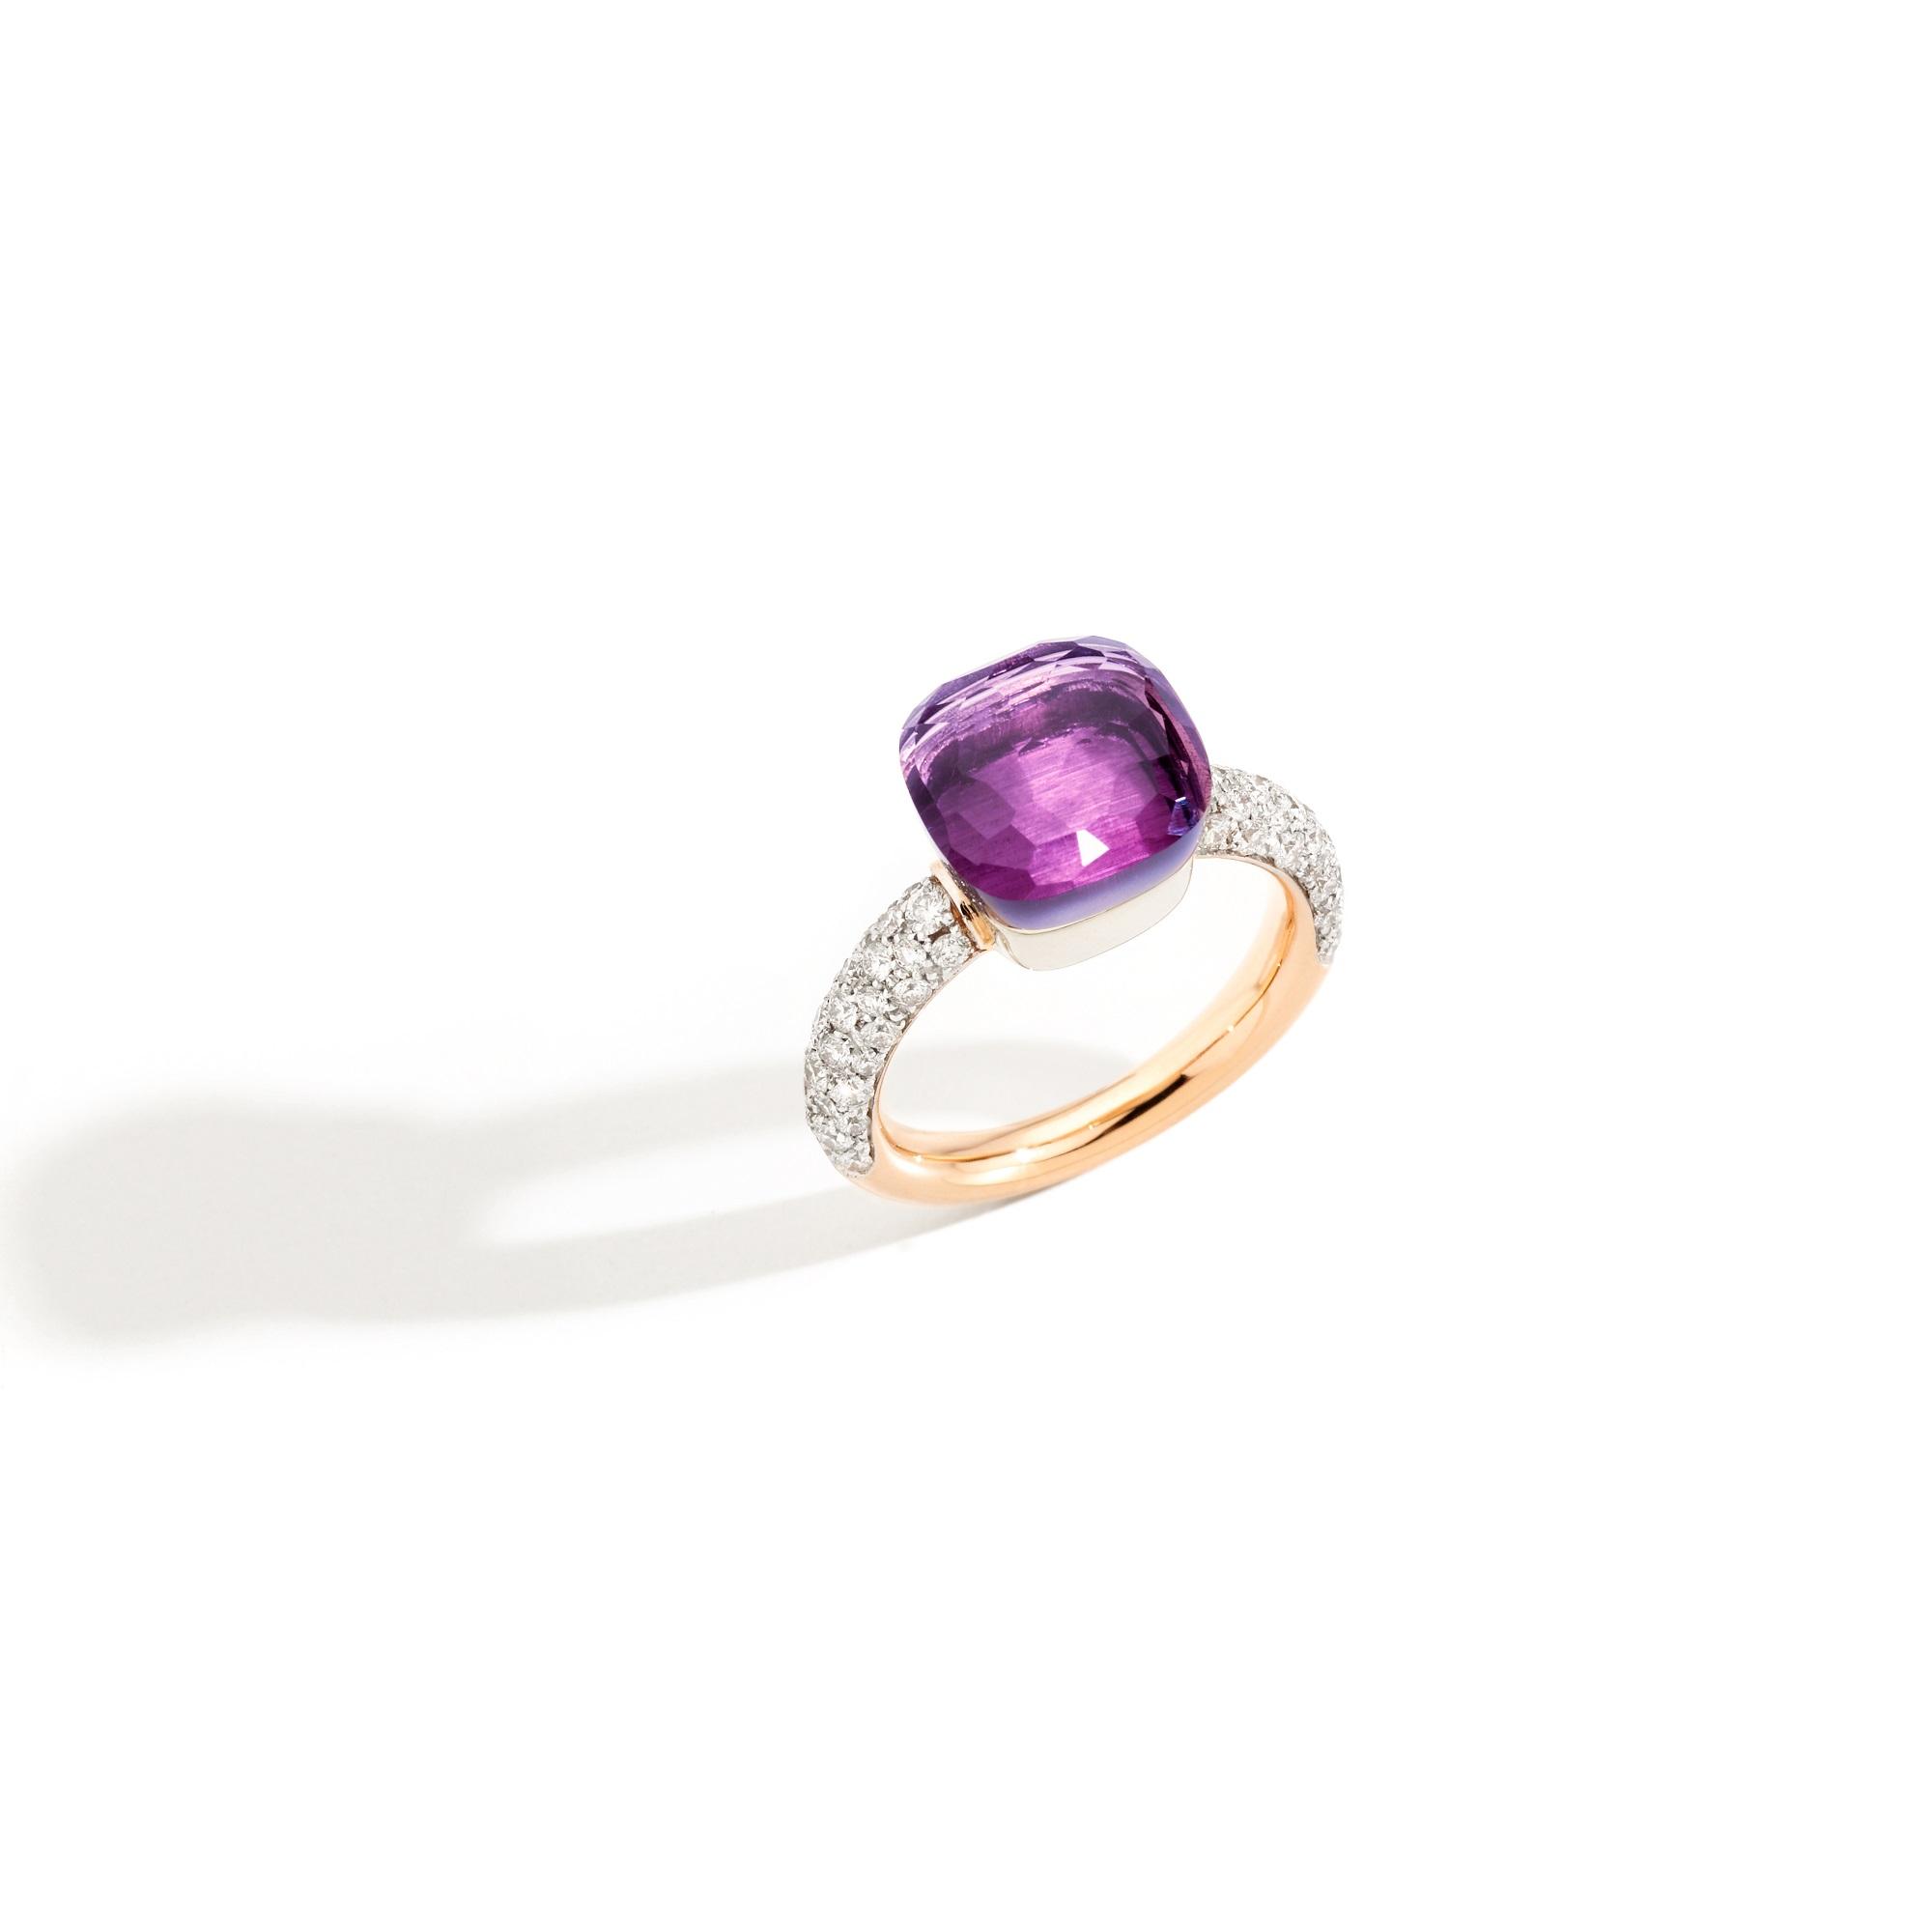 Pomellato Nudo Ring aus Rosé- und Weißgold mit Amethyst und Diamanten